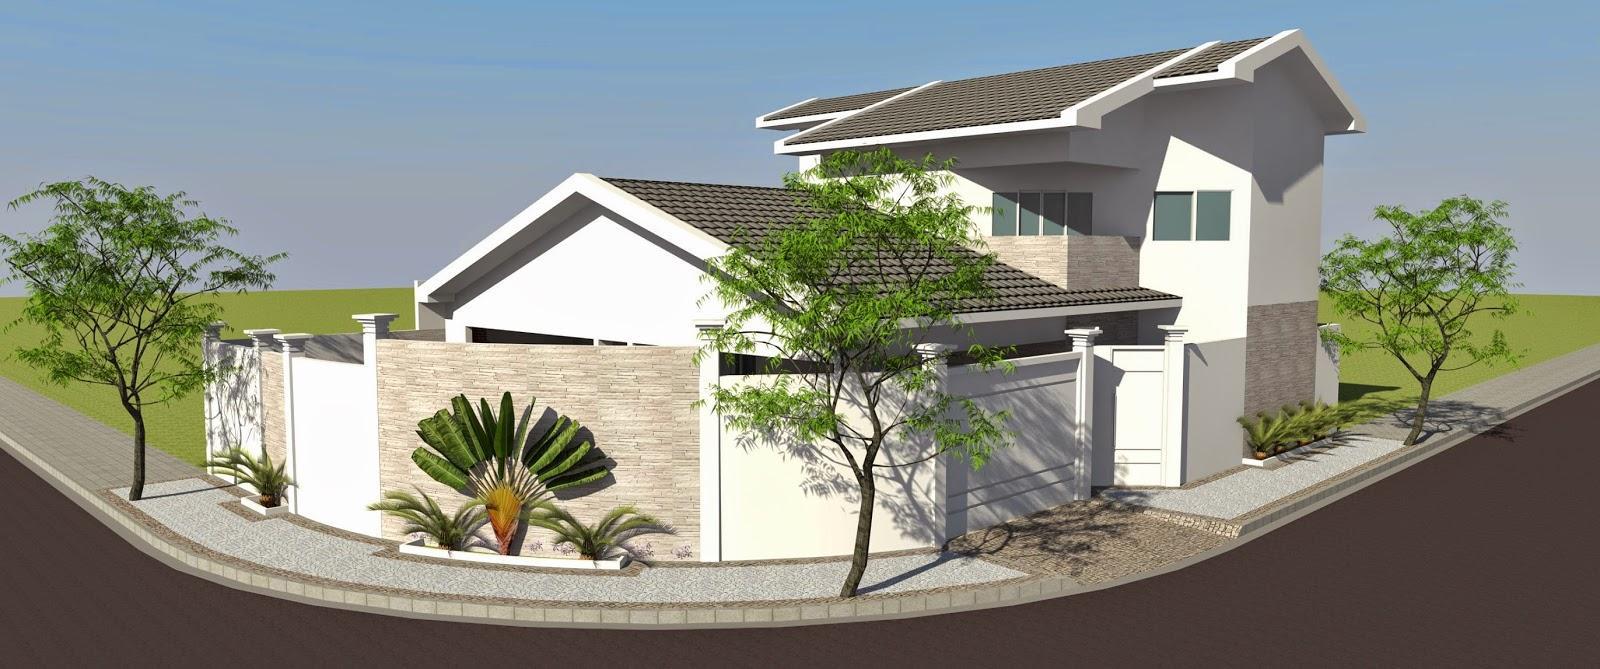 Fotos de fachadas de casas com texturas 100